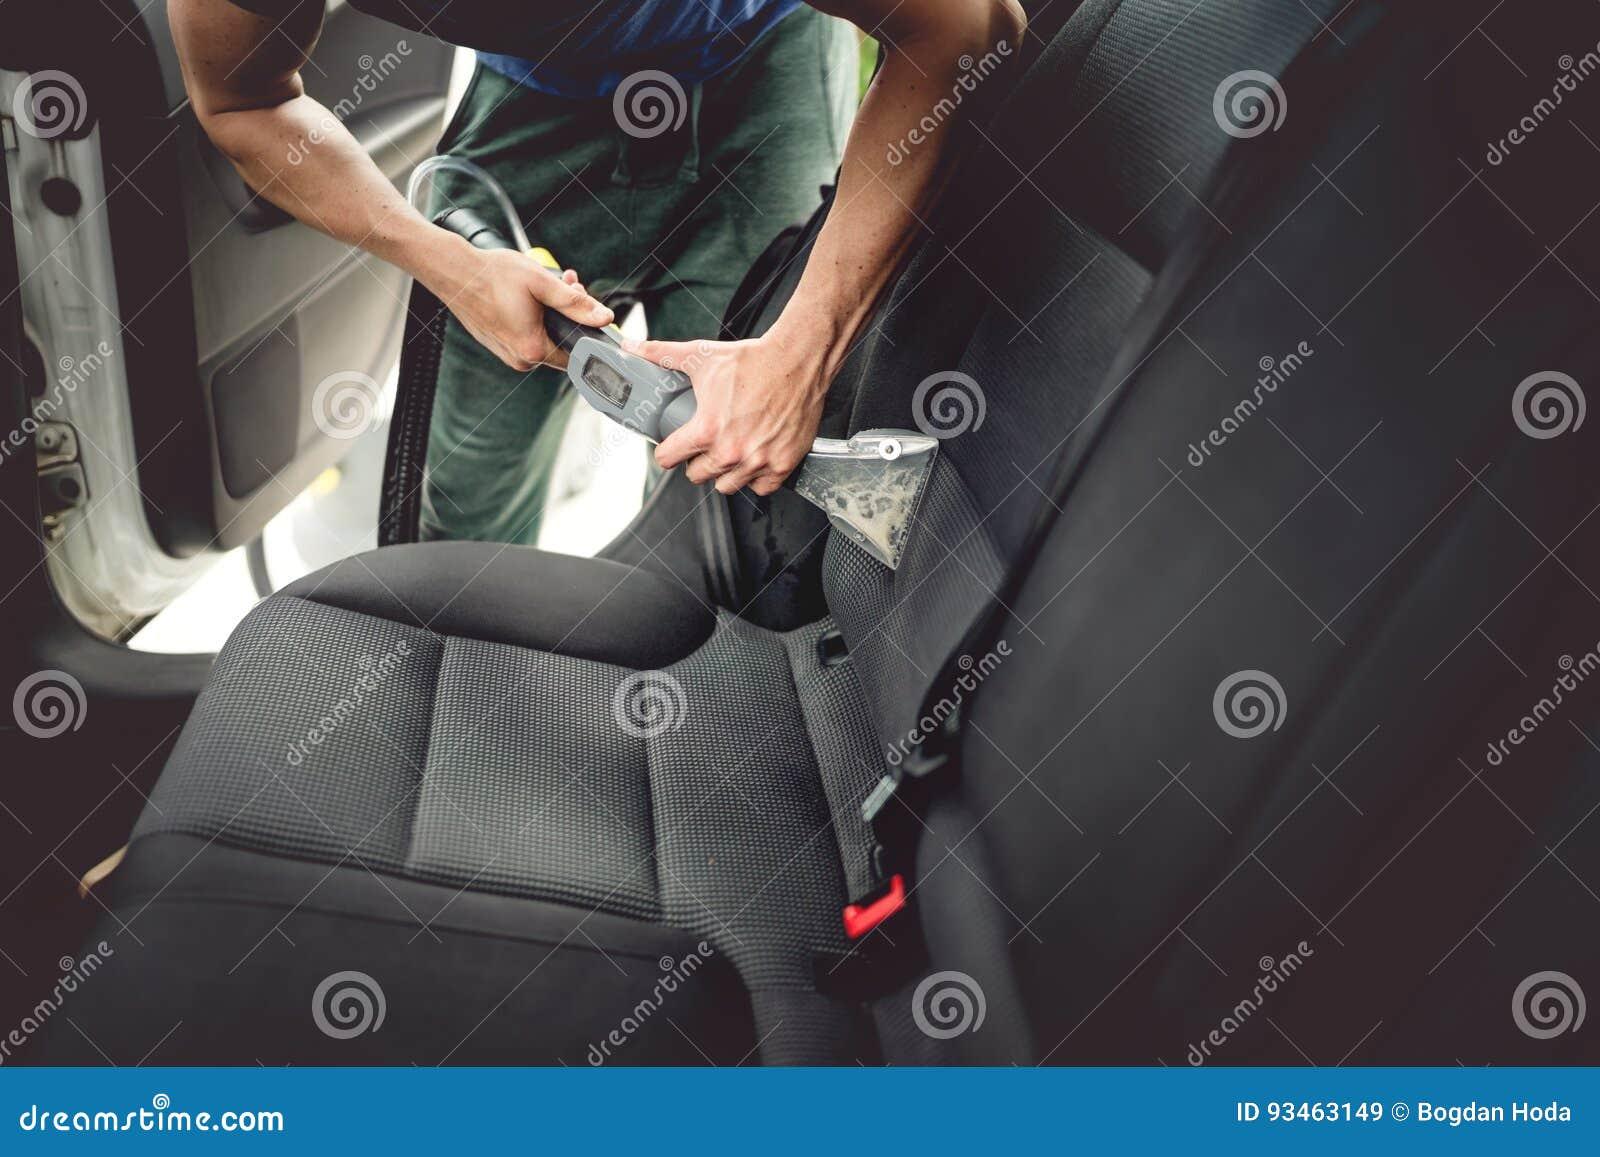 Concepto del mantenimiento del coche, detallando y limpiando de asientos traseros interiores en los coches modernos de lujo